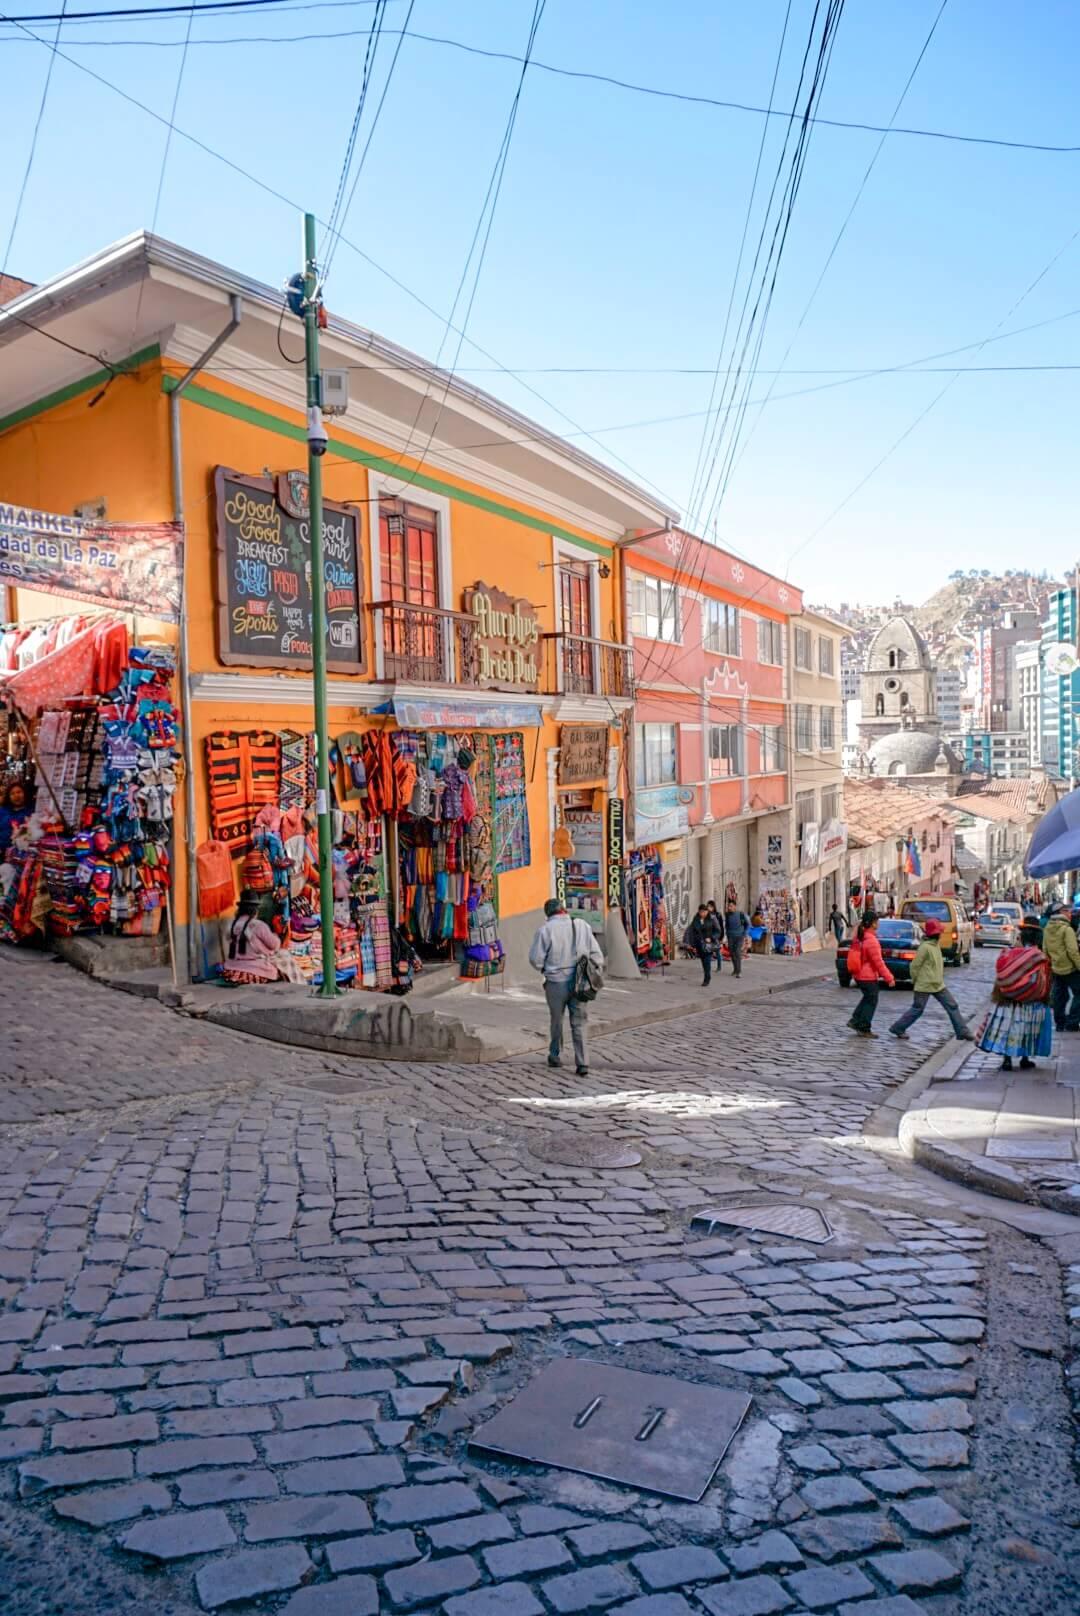 visiter rue colorée la paz bolivie